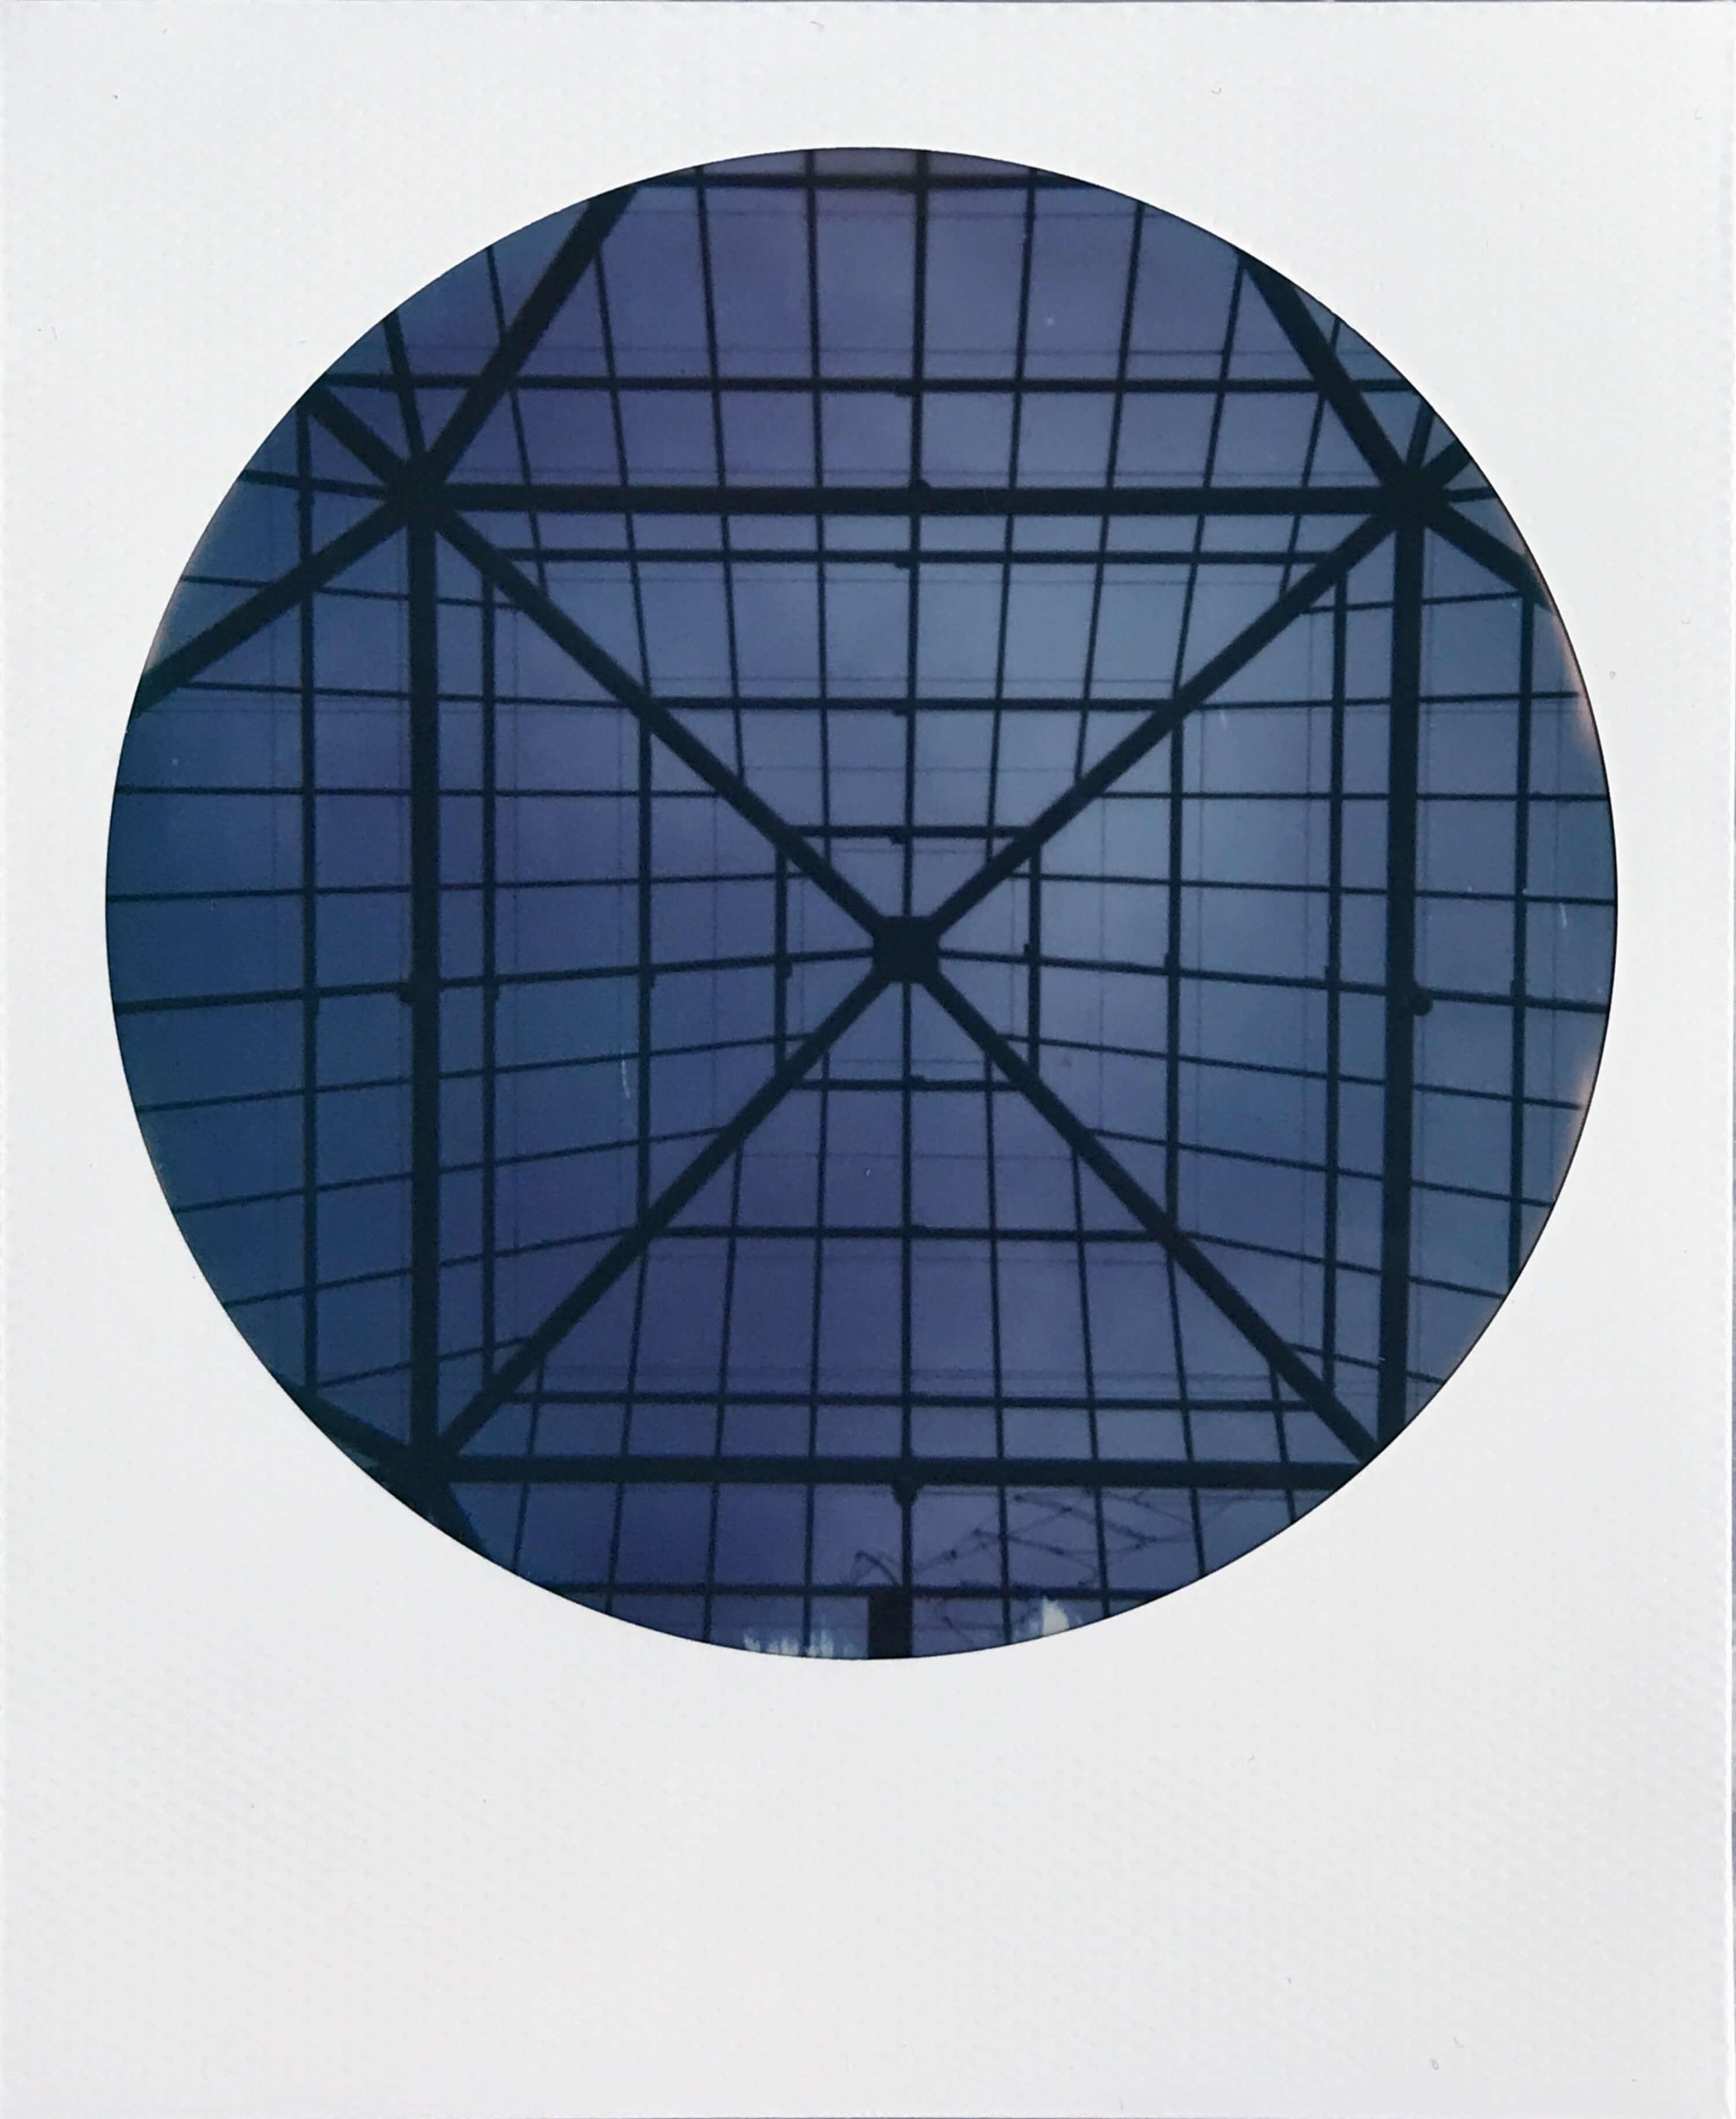 Gazebo roof at the Walker Art Center